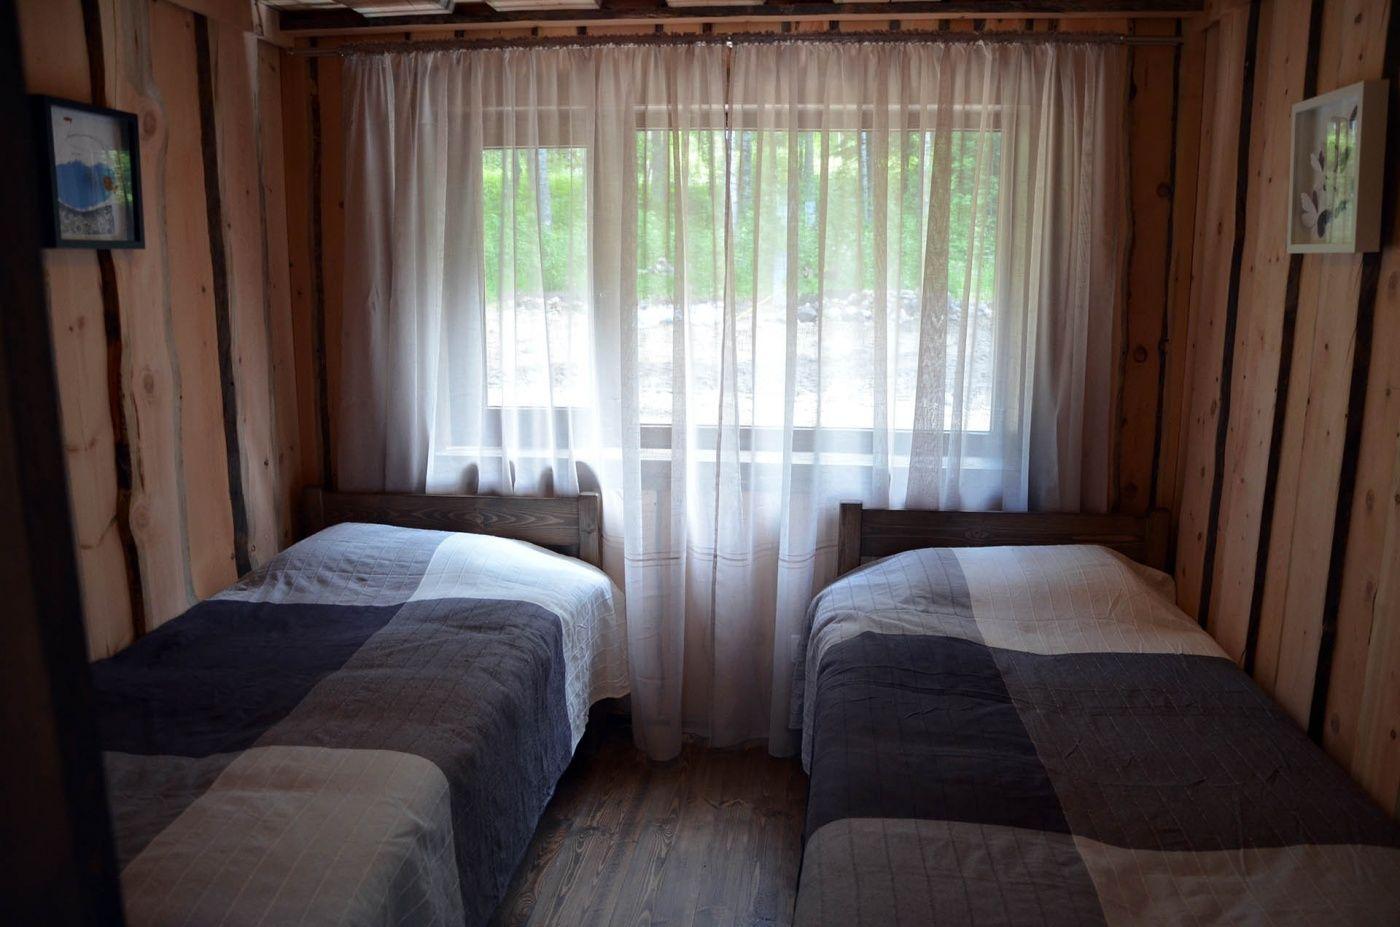 Комплекс гостевых домов «Karelia Village» Республика Карелия Коттедж «Ангенлахти-6», «Ангенлахти-7», фото 3